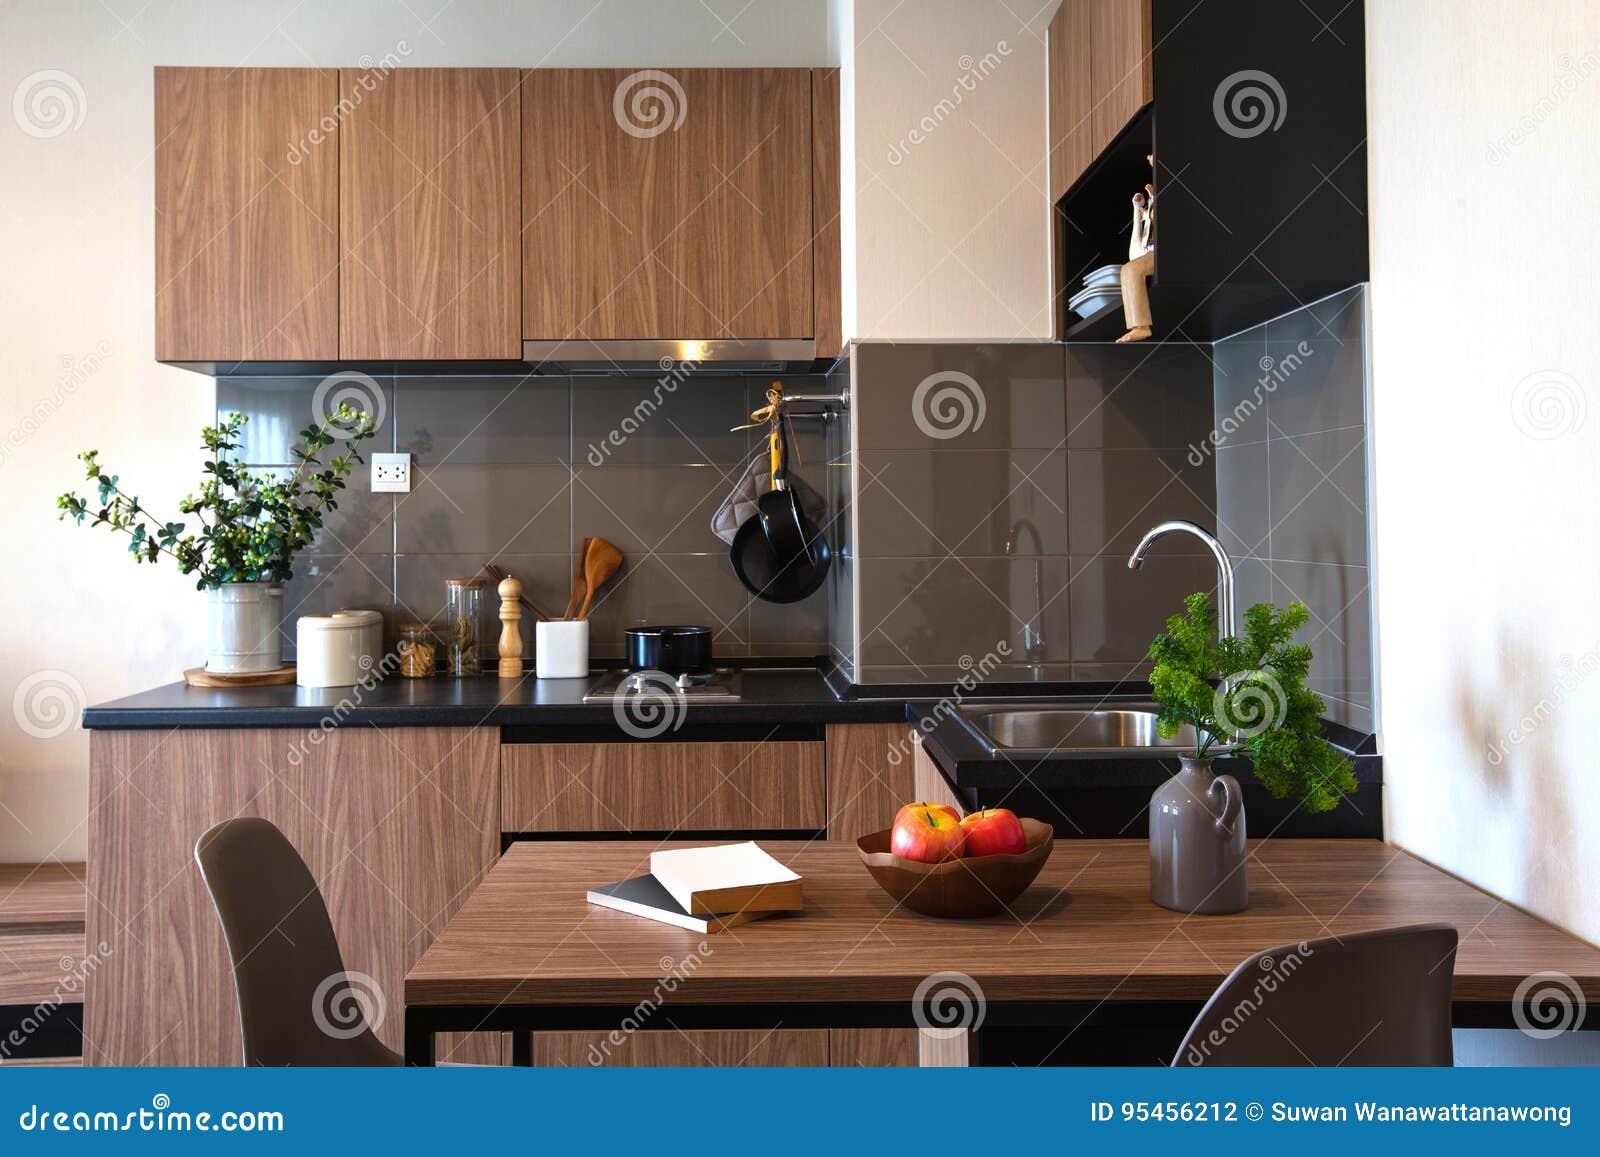 Arquitectura Del Diseño Interior De La Cocina Con La Mesa De Comedor ...